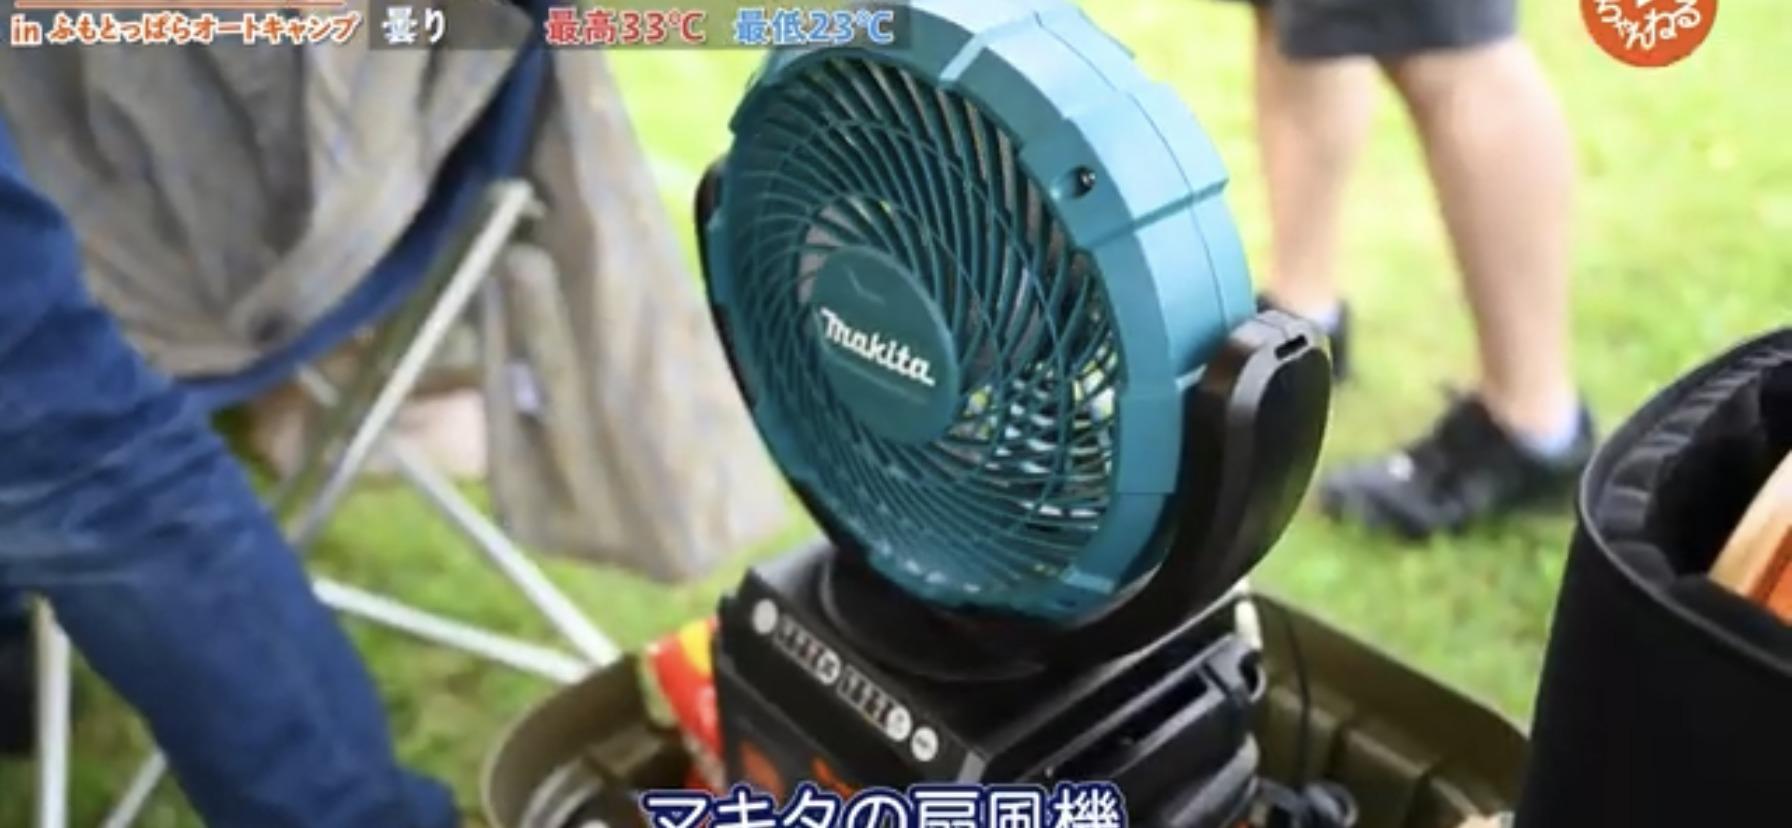 扇風機:【マキタ】充電式ファン羽根径